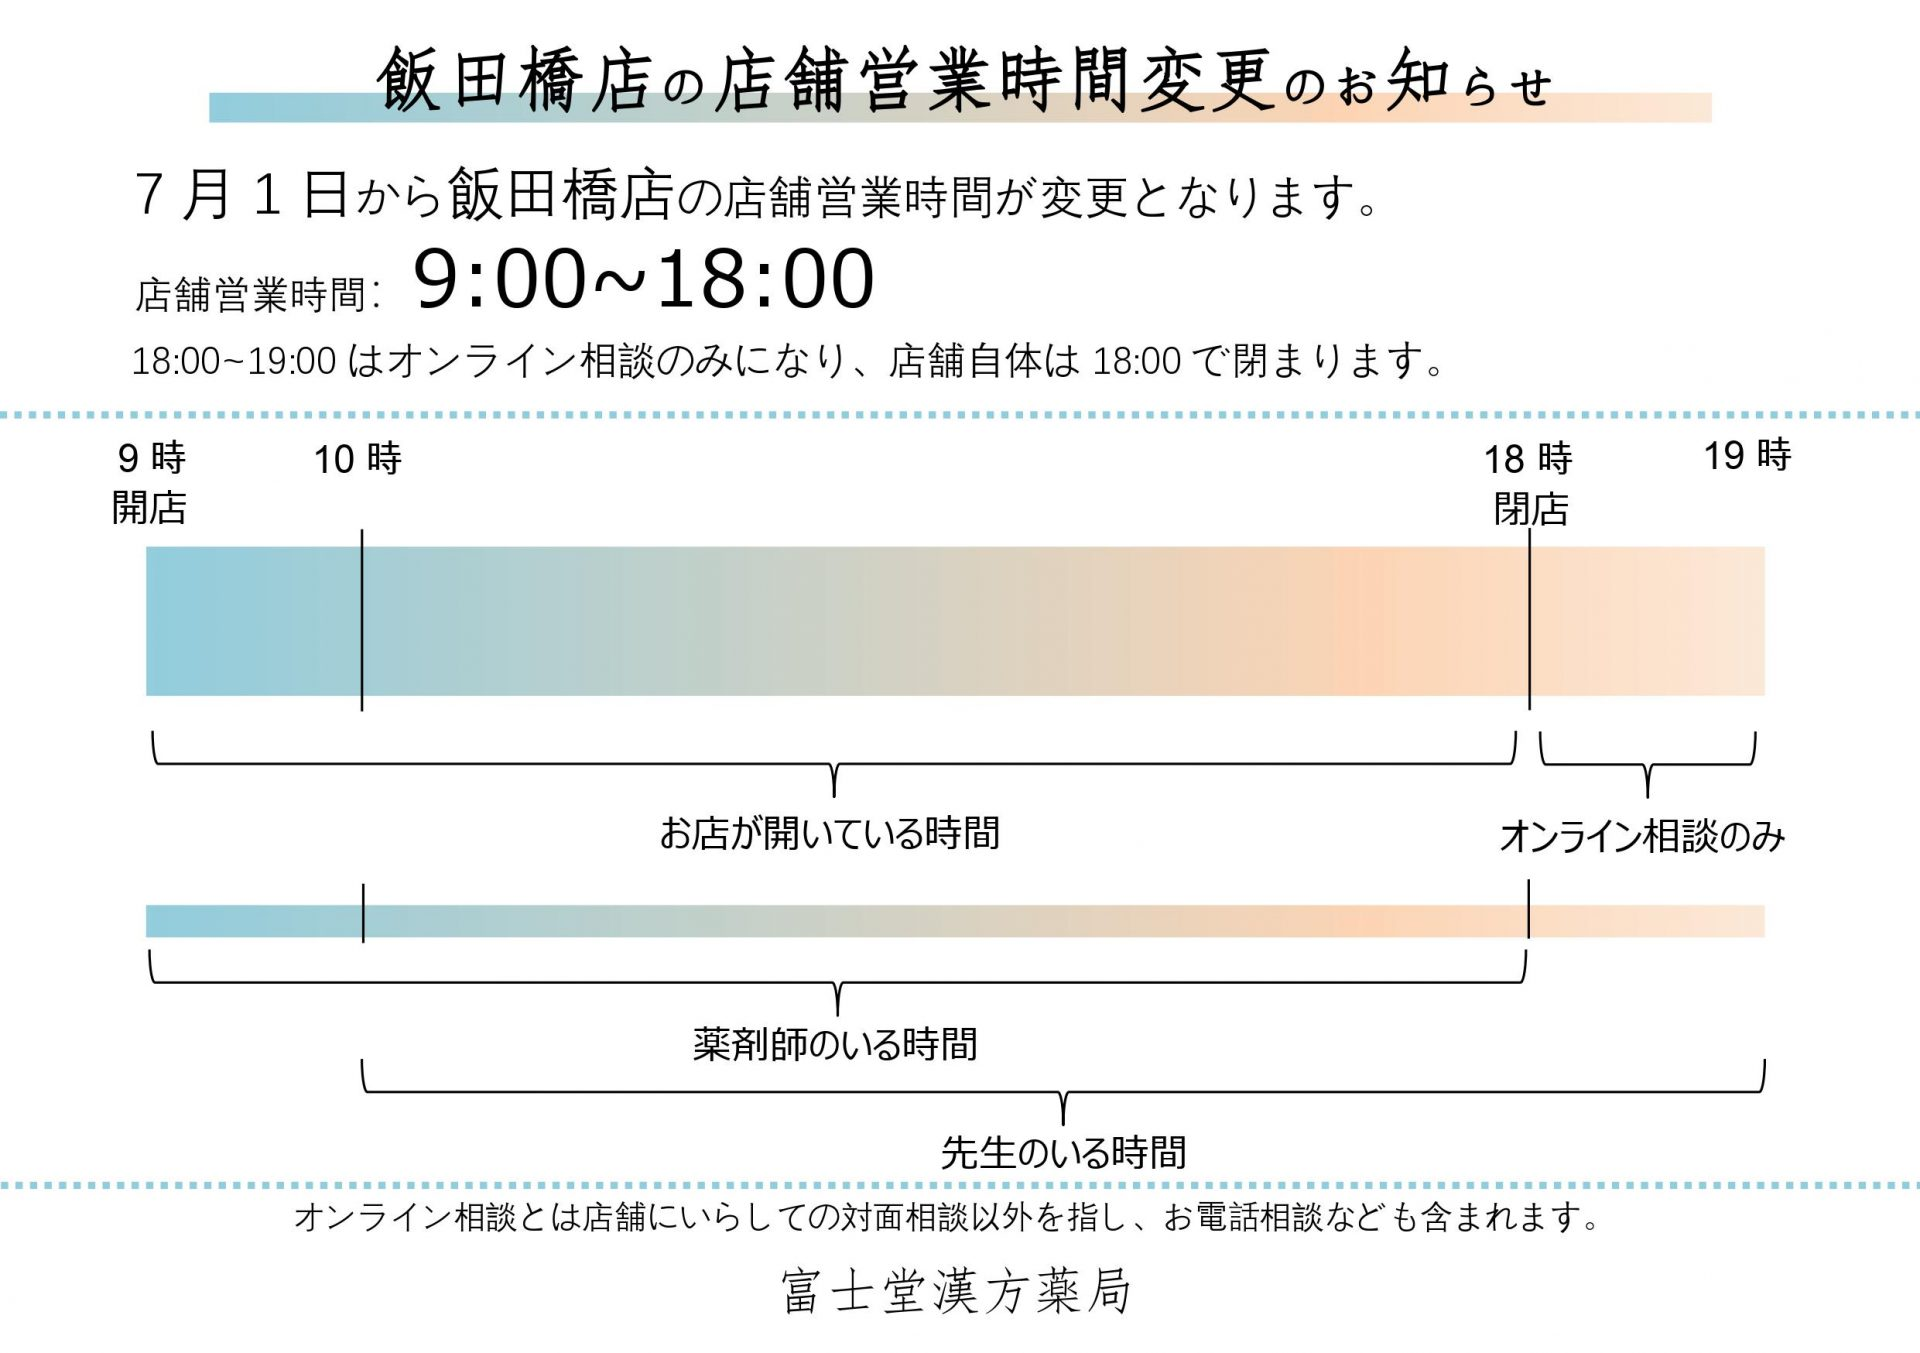 飯田橋営業時間変更